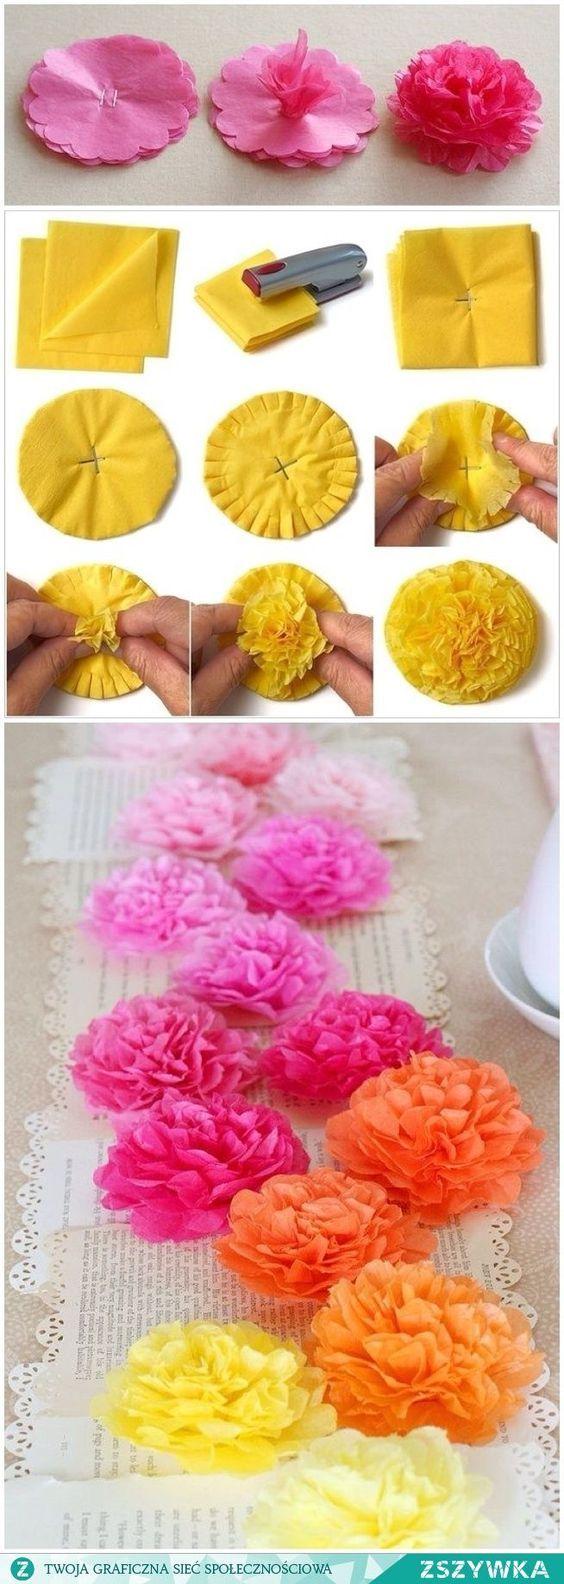 Hallo! Ich bin zurück mit einem anderen inspirierenden Montag auf DIY-Blumen-Serie. Das wir